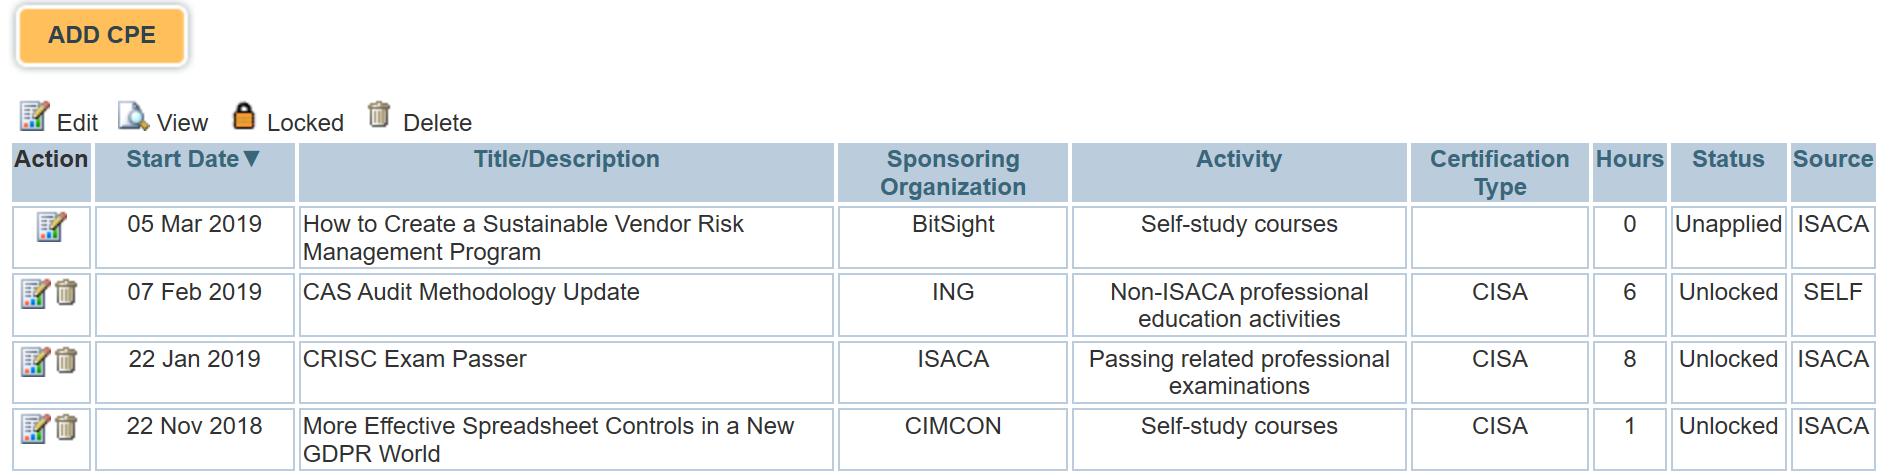 Получение CPE для поддержания профессиональных сертификаций (на примере ISACA) - 10